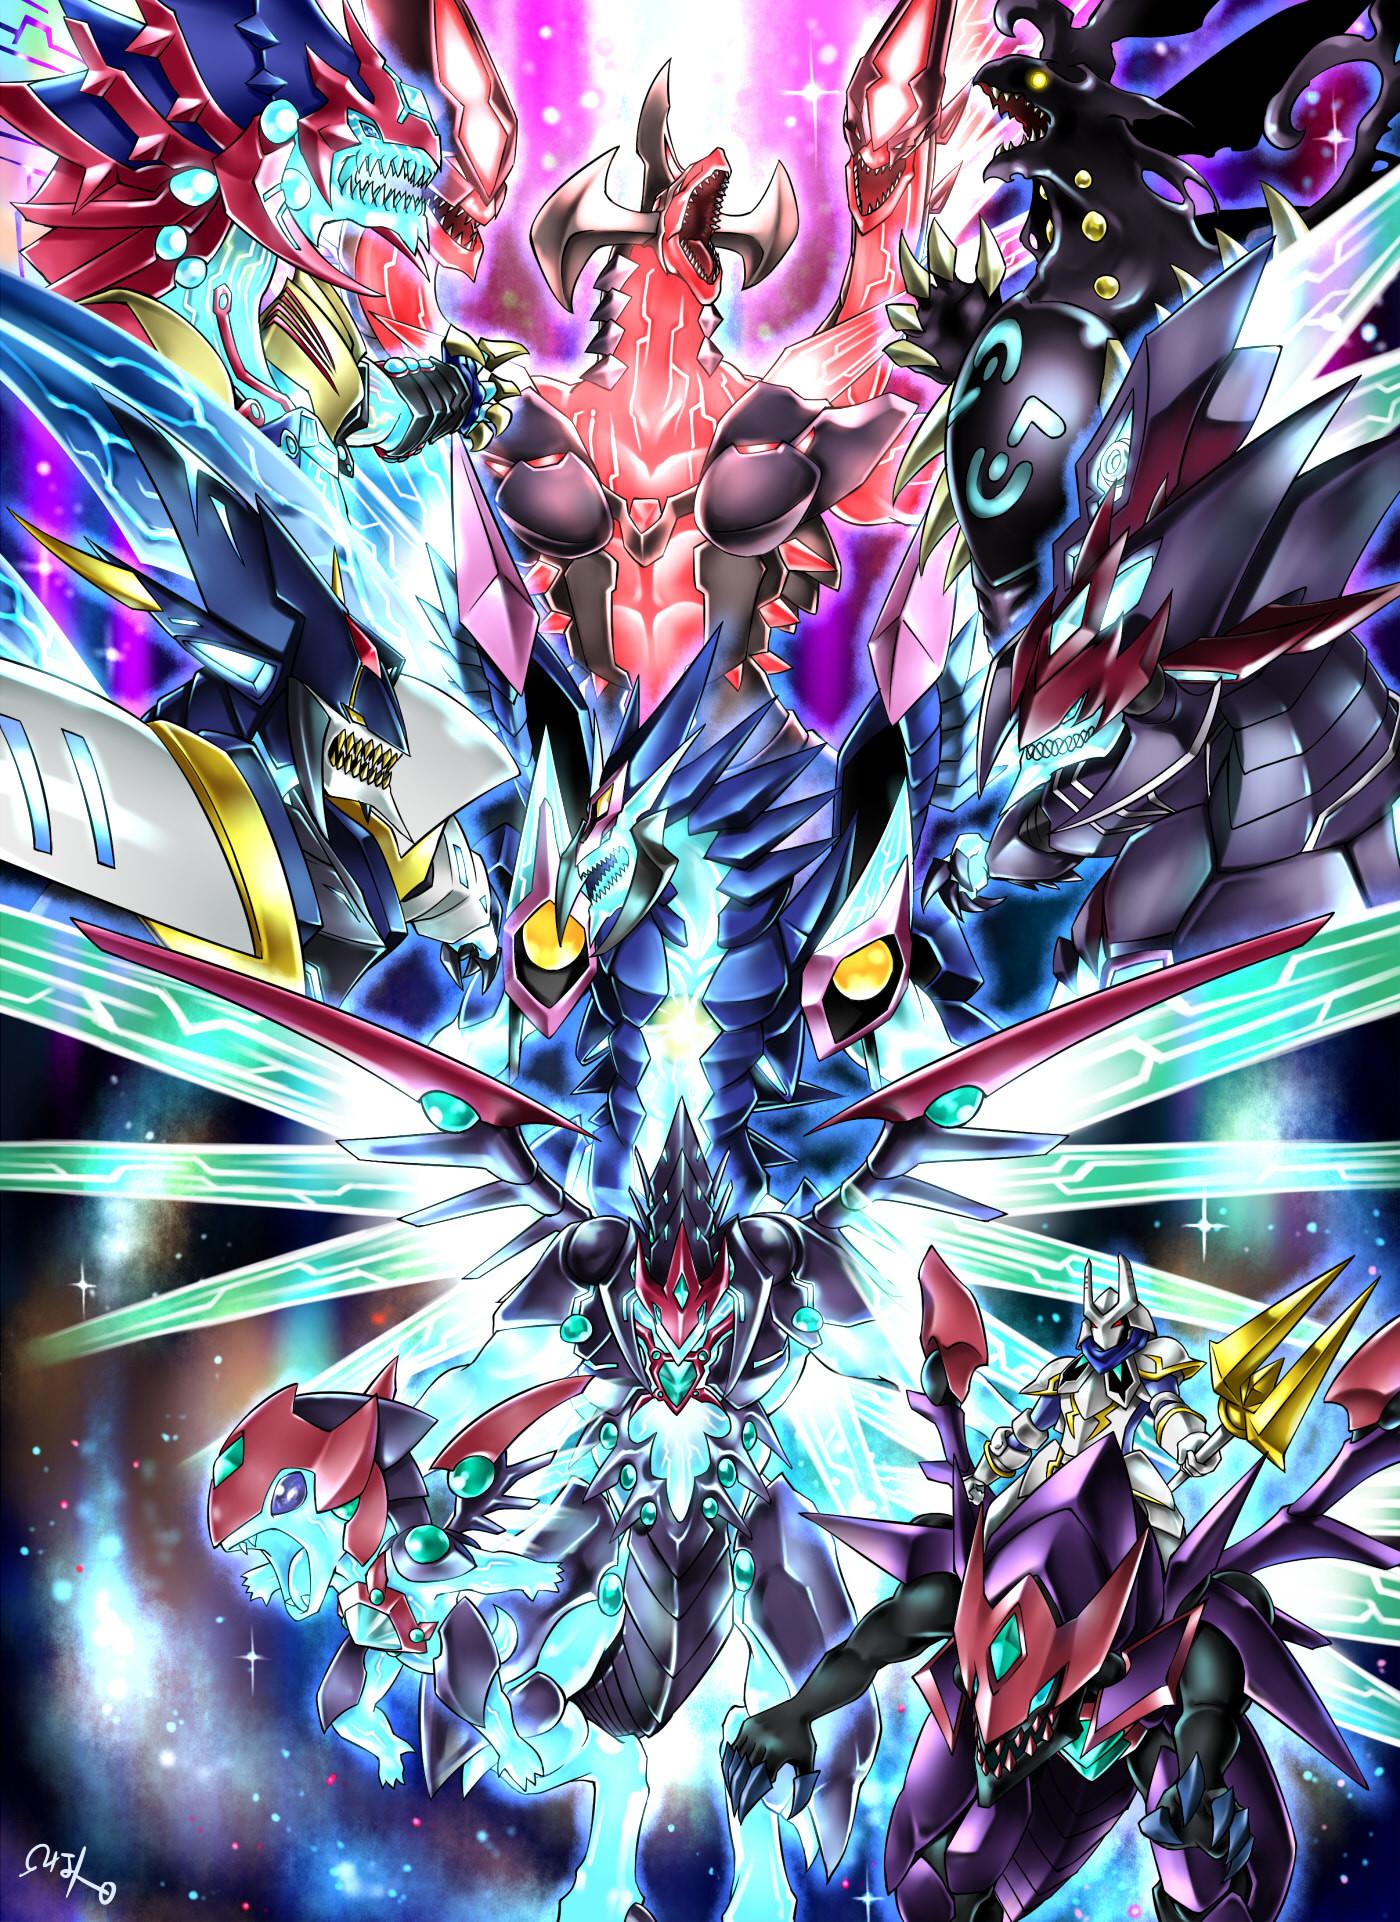 Galaxy-Eyes.full.2036484.jpg (1400×1922) | yu gi oh fanart | Pinterest |  Fanart and Anime